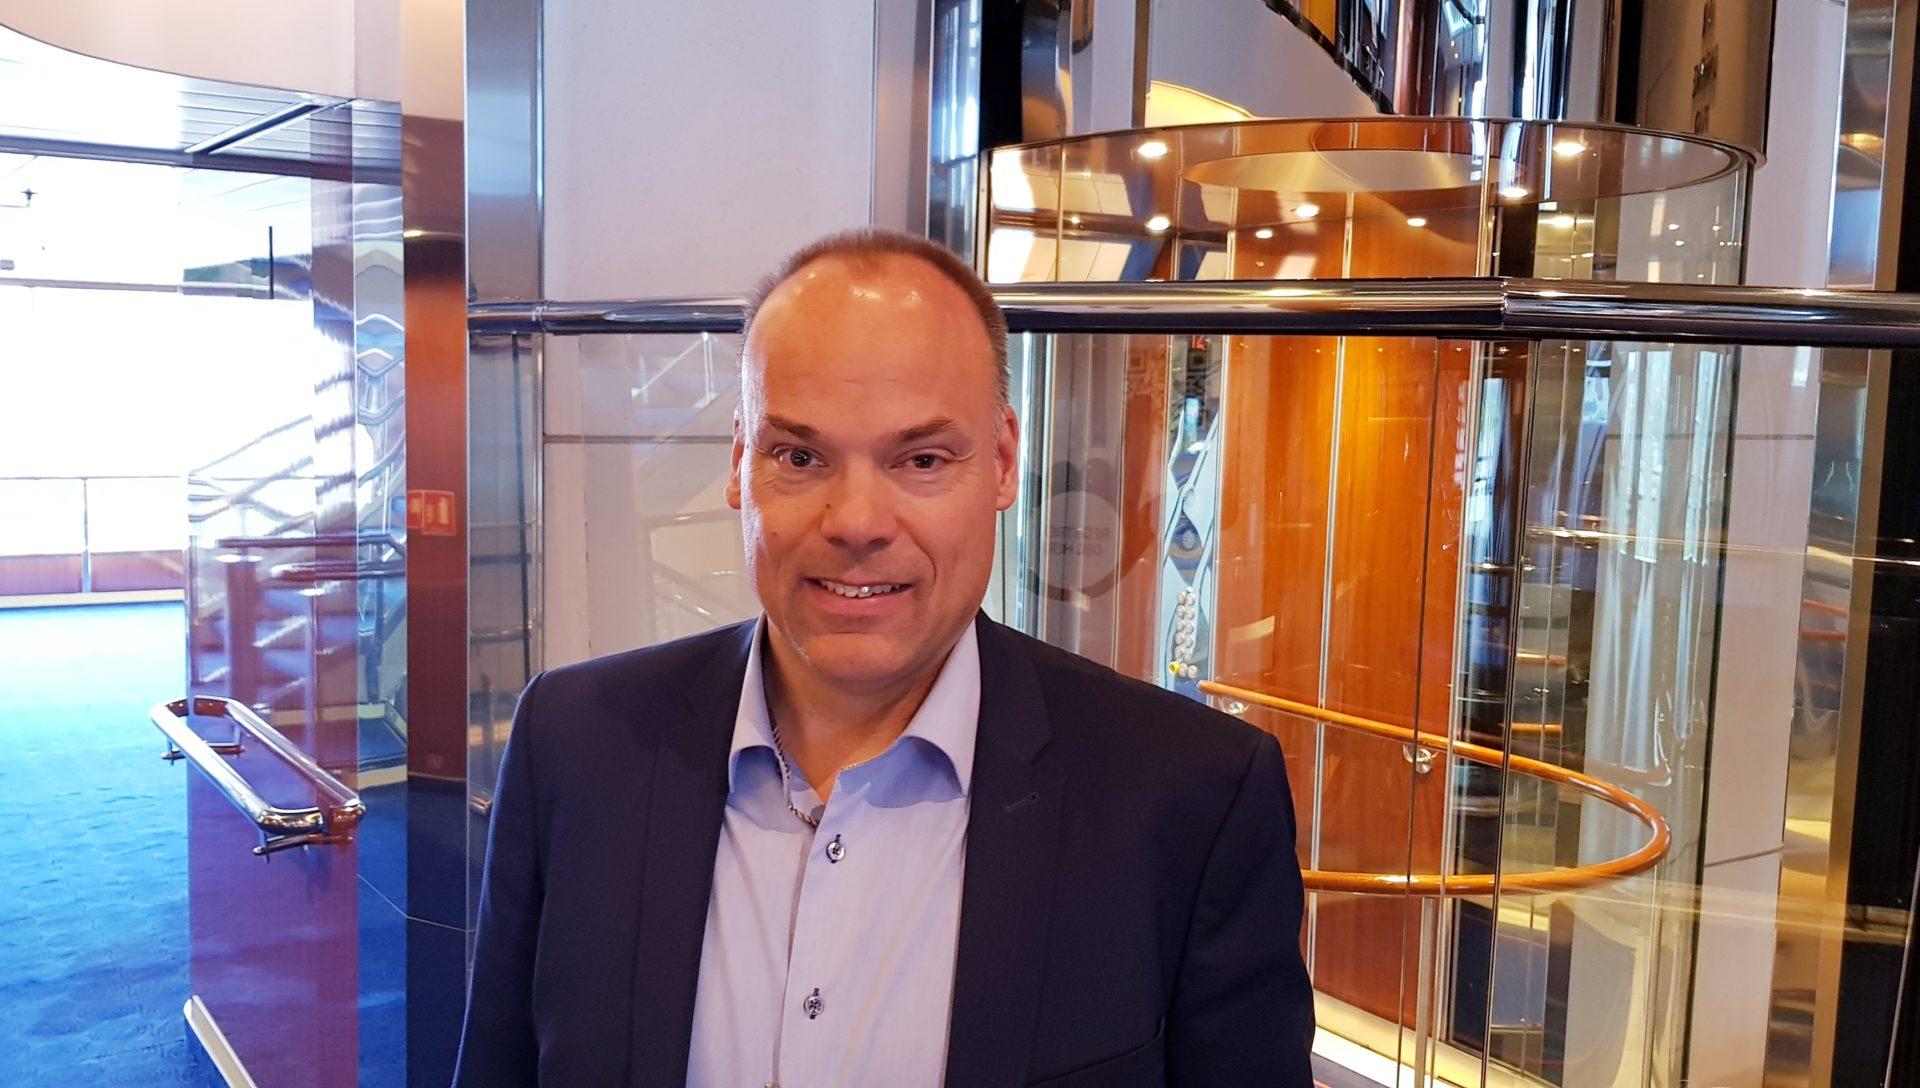 IoT-samfunnet vil skjerpe kravene til sikkerhet, noe som vil kreve godt skolerte montører, som er forberedt på morgendagens utfordringer, sier avdelingsdirektør Per Eirik Heimdal i Nasjonal kommunikasjonsmyndighet (Nkom).